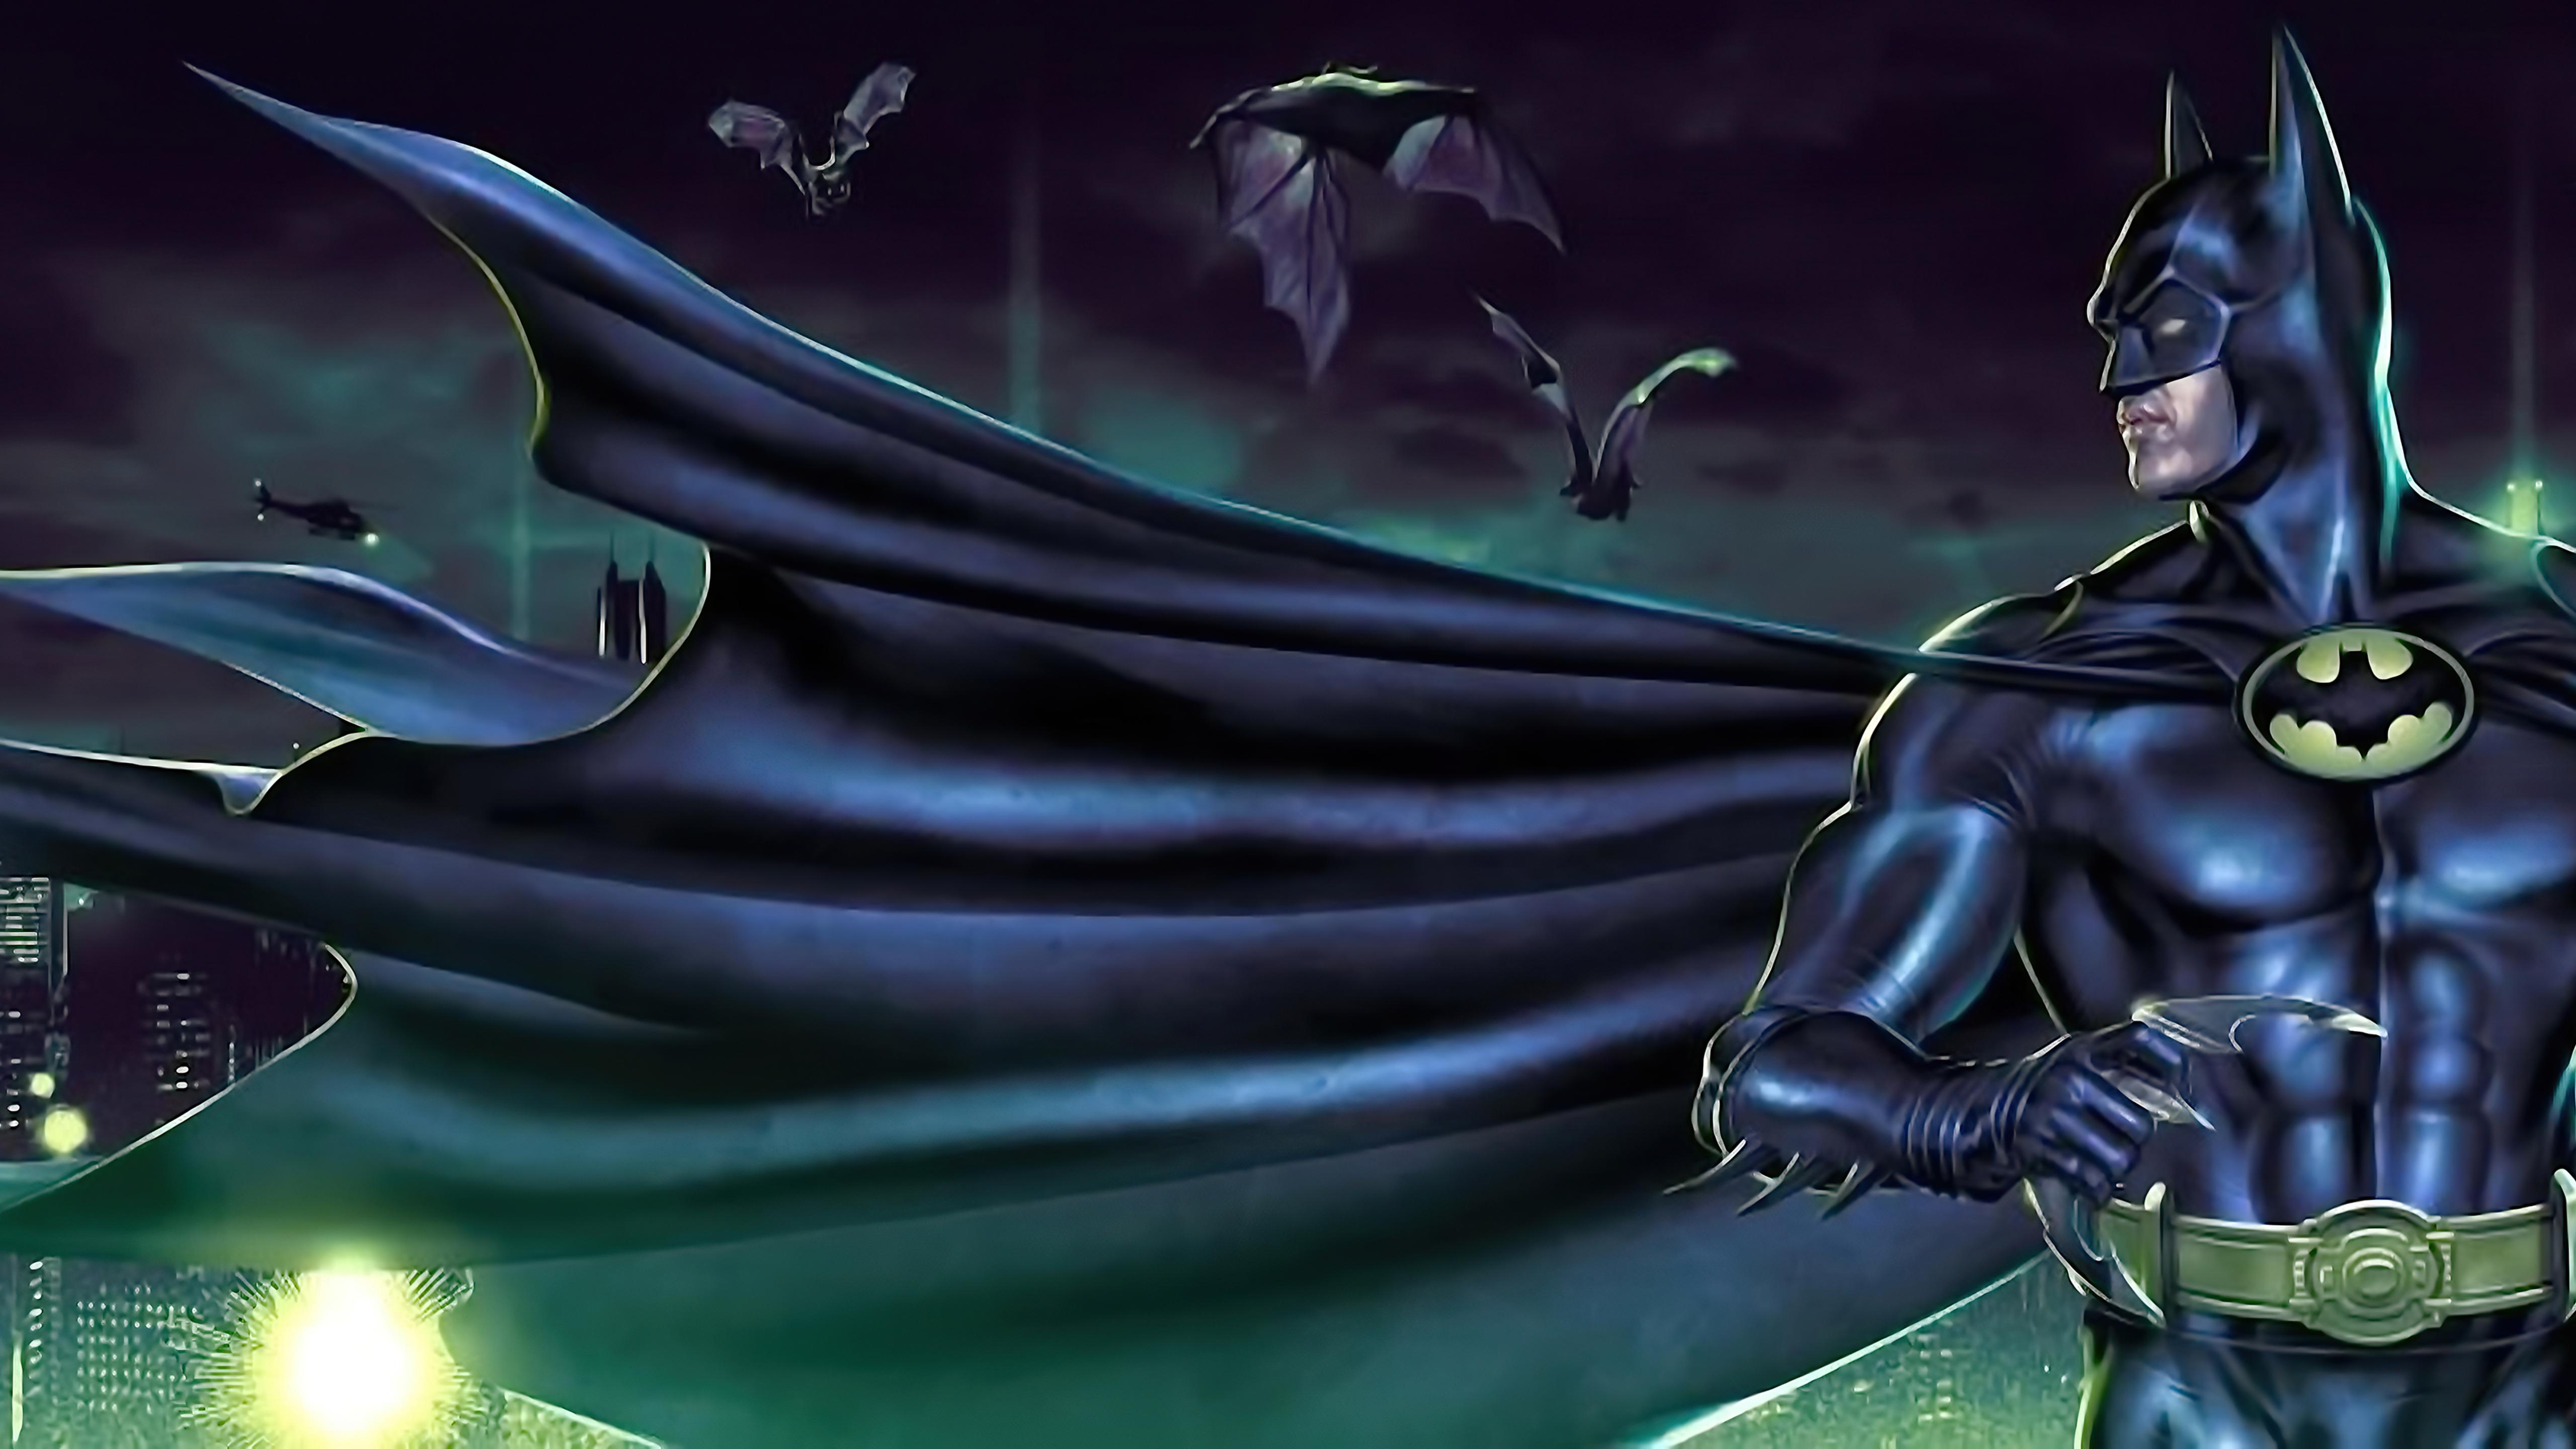 batman-1989-5k-wl.jpg